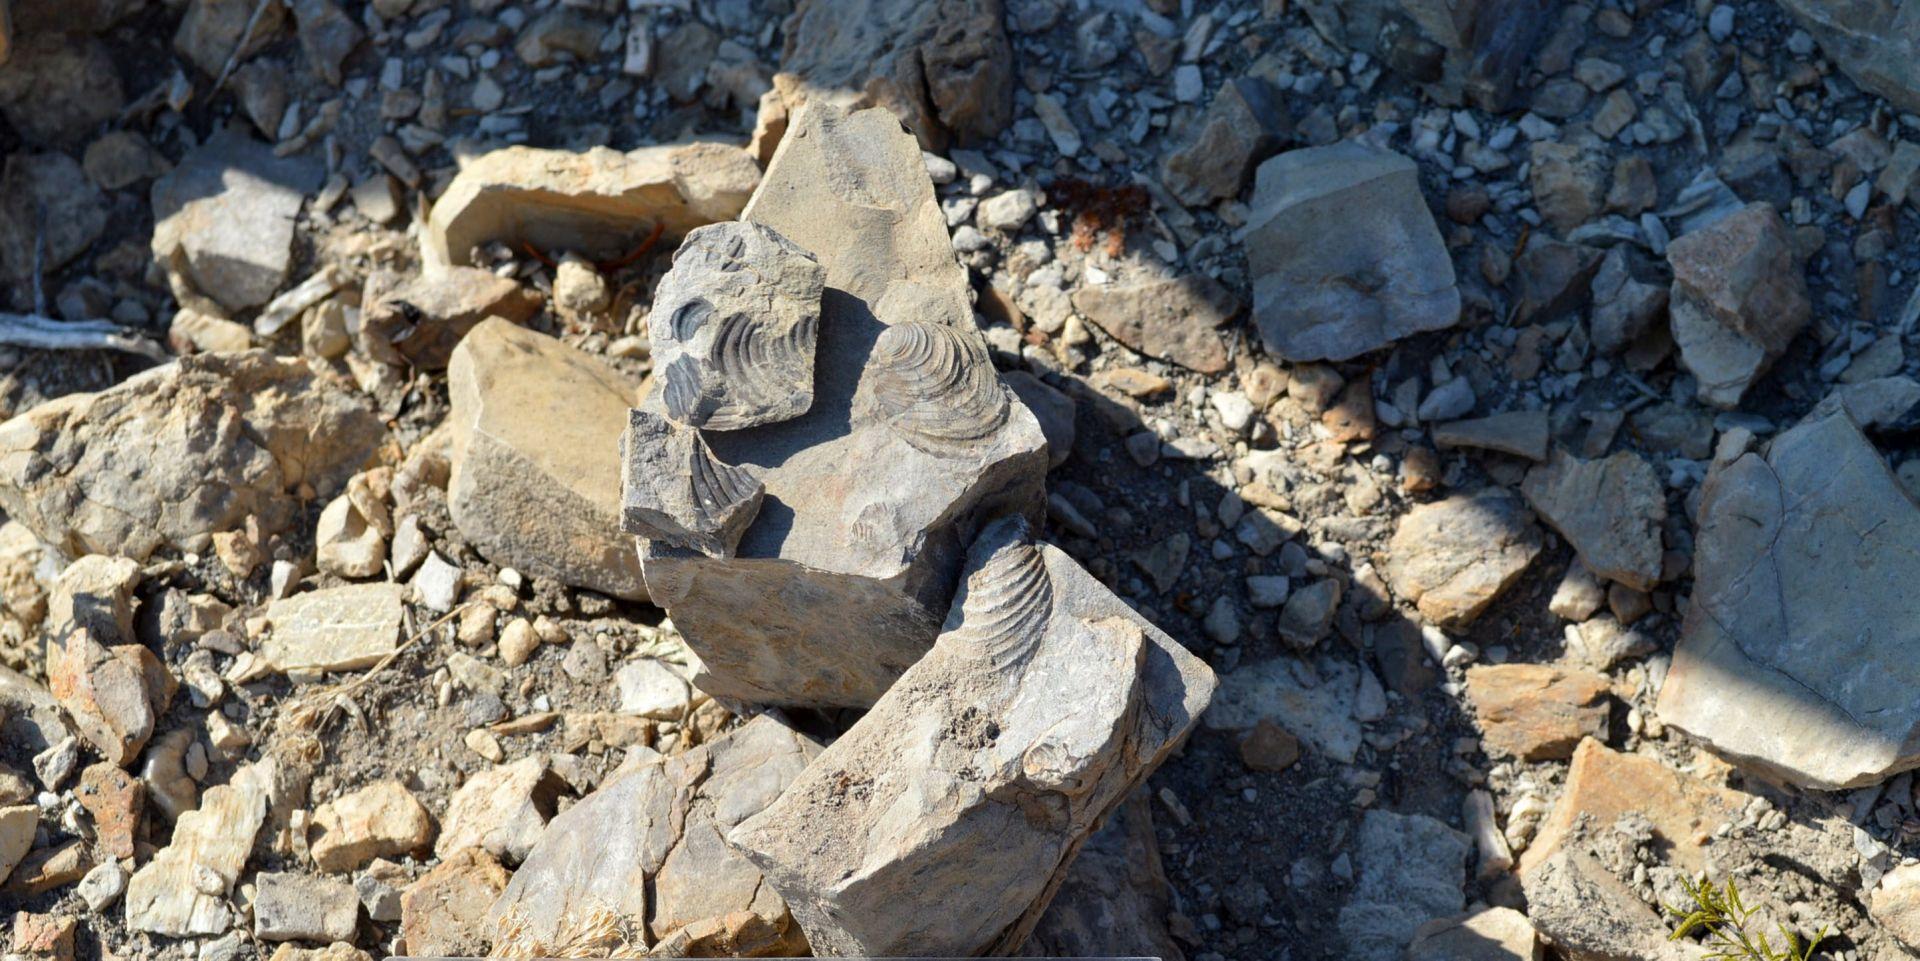 Čovjekov najstariji predak izgledao je poput naborane stare vreće